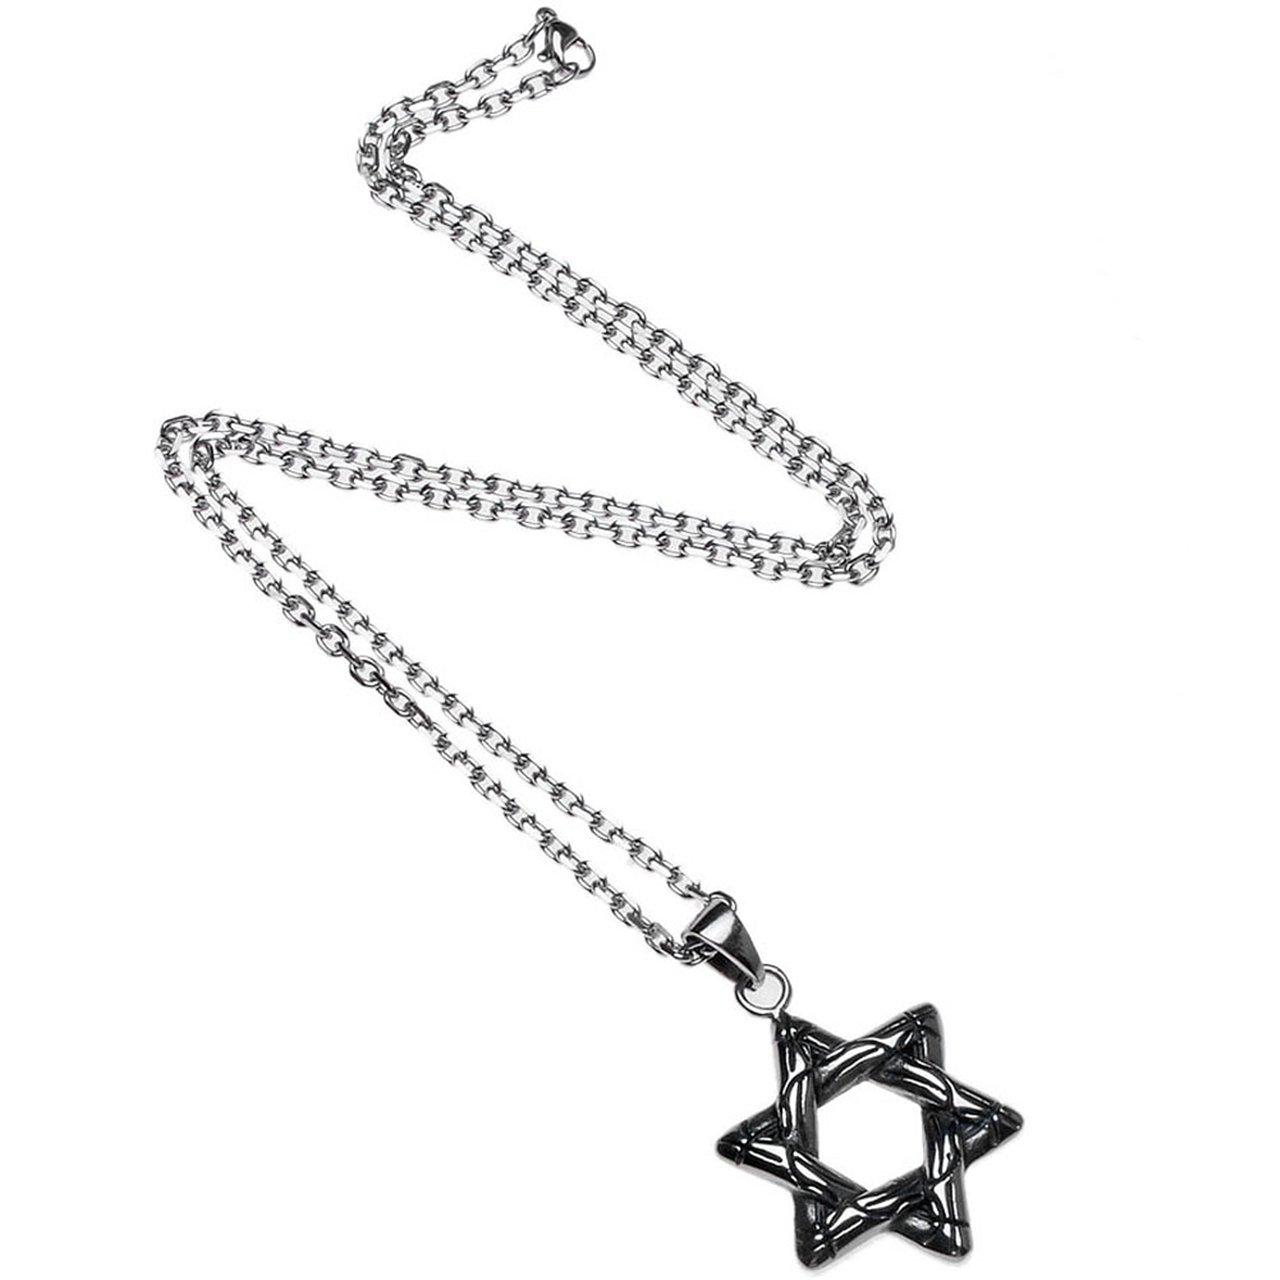 JOVIVI Anhänger Punk Edelstahl Retro David-Stern Anhänger mit 55cm Kette, Halskette für Damen & Herren, Silber